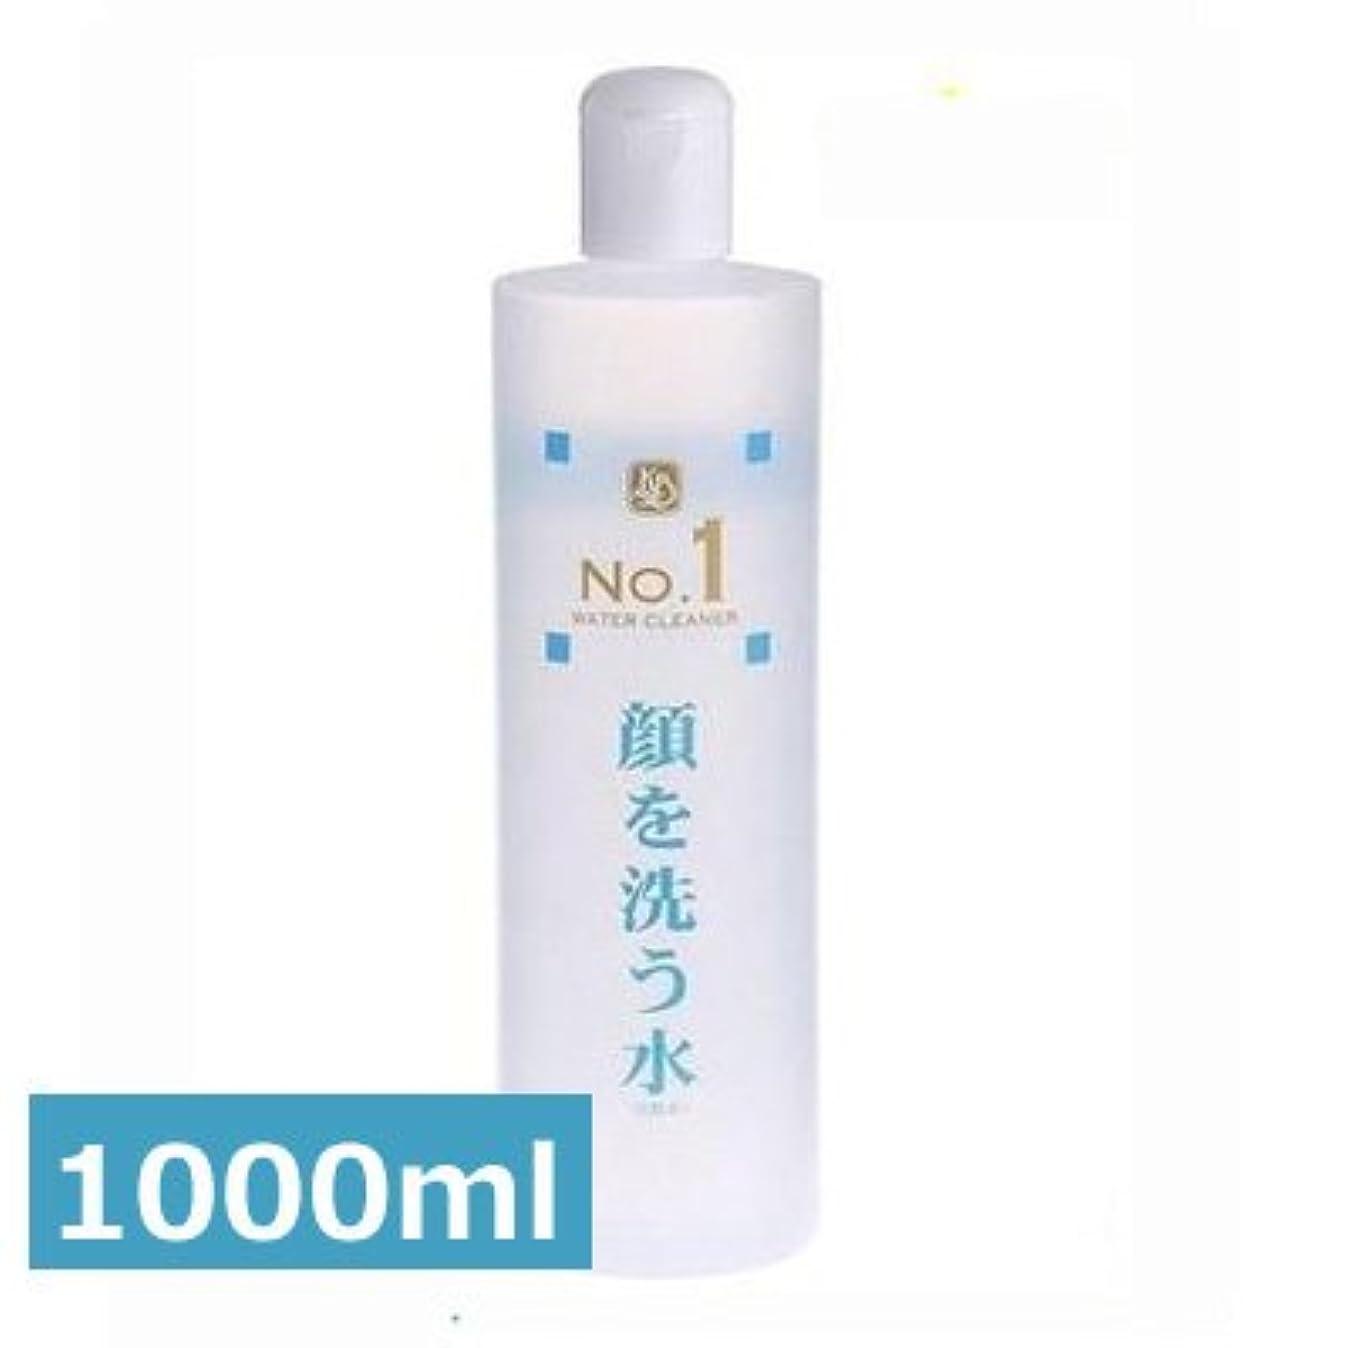 飾り羽海里ラインナップ顔を洗う水 No.1 1000ml×2本